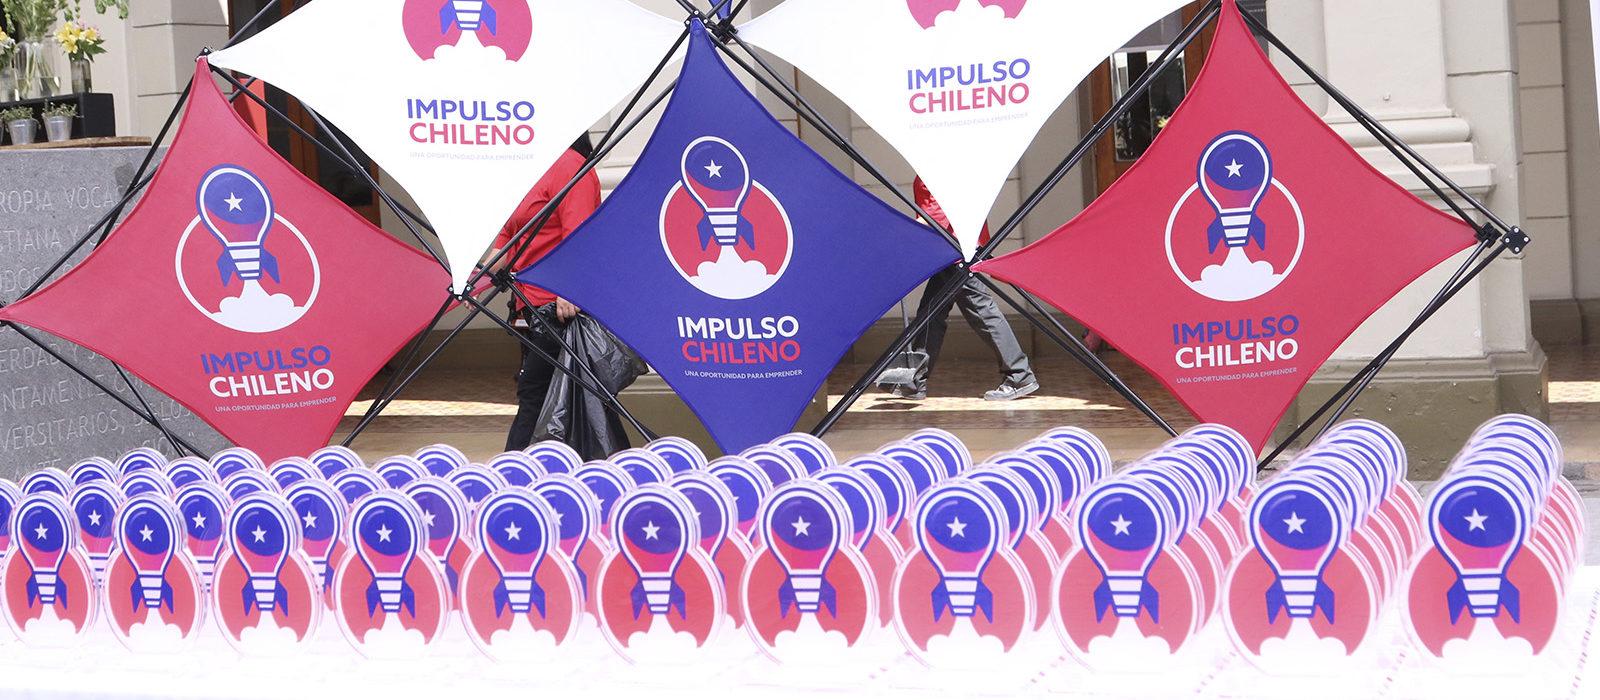 Impulso Chileno 2019 ya tiene 60 ganadores